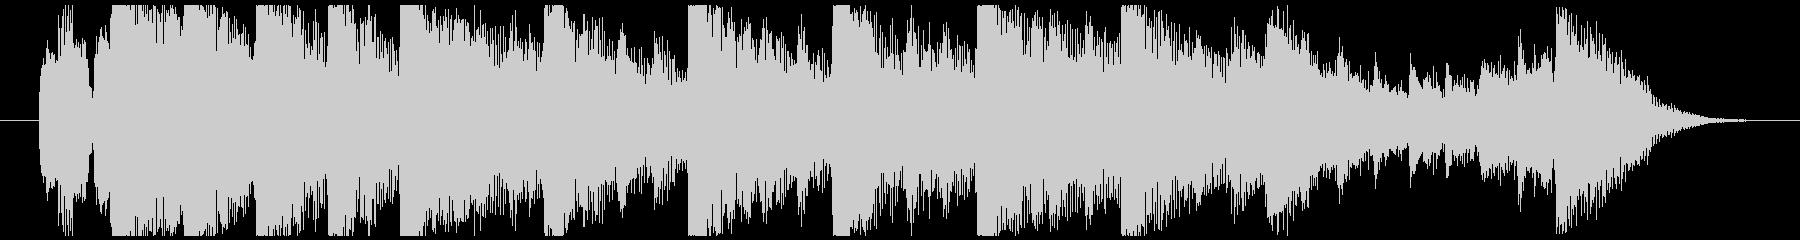 ハローウィン用のホラー曲-15秒の未再生の波形